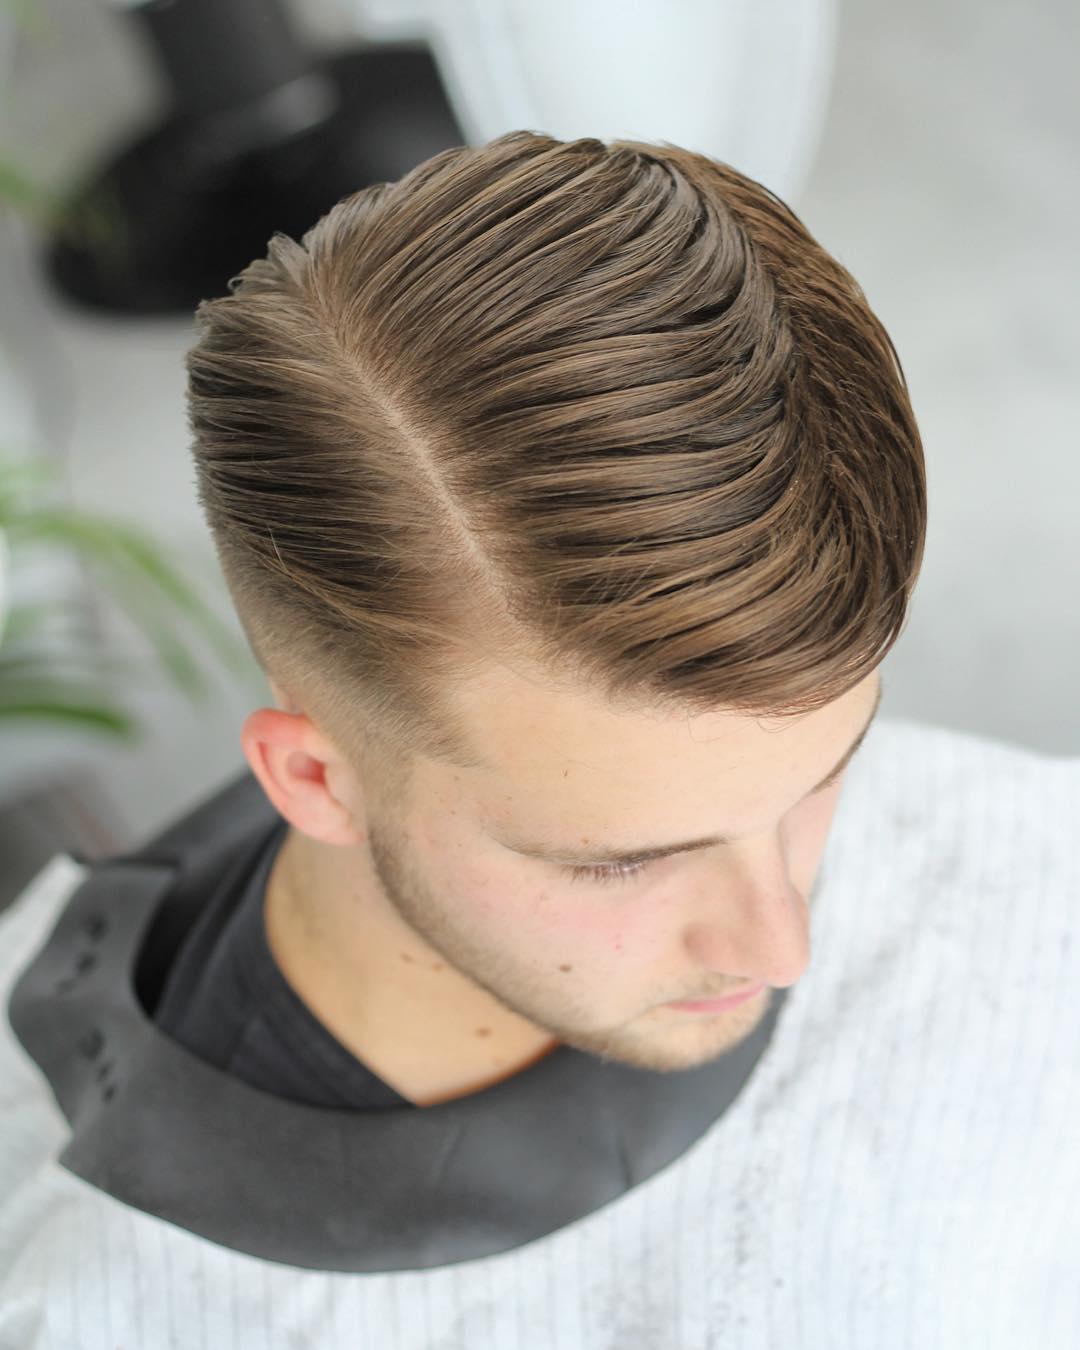 alan_beak long side part mens hairstyle